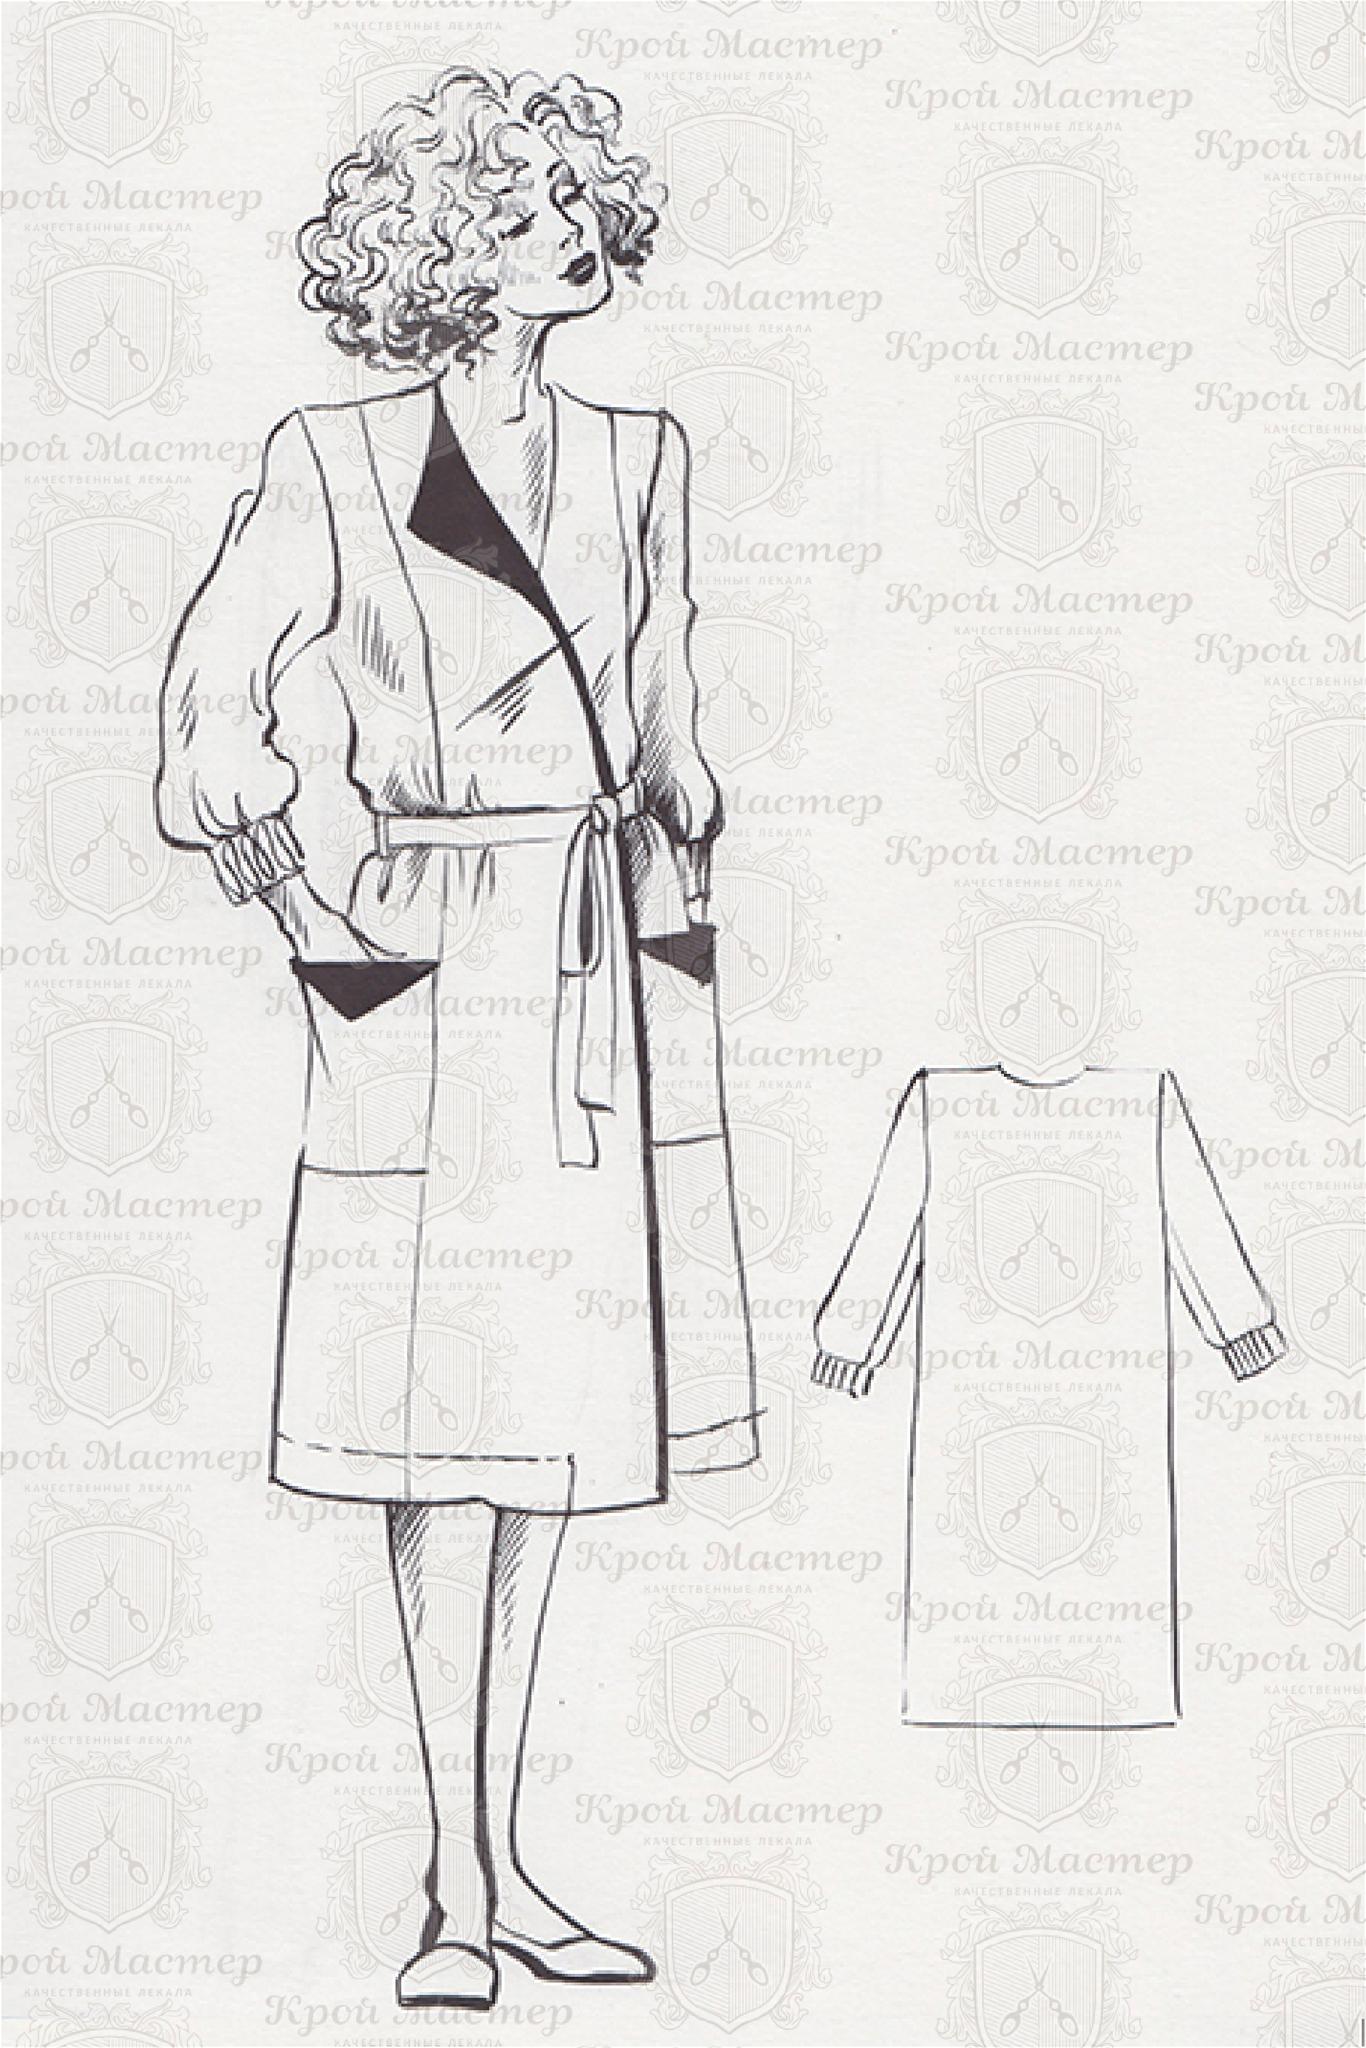 Лекала запашного халата с асимметричным воротником